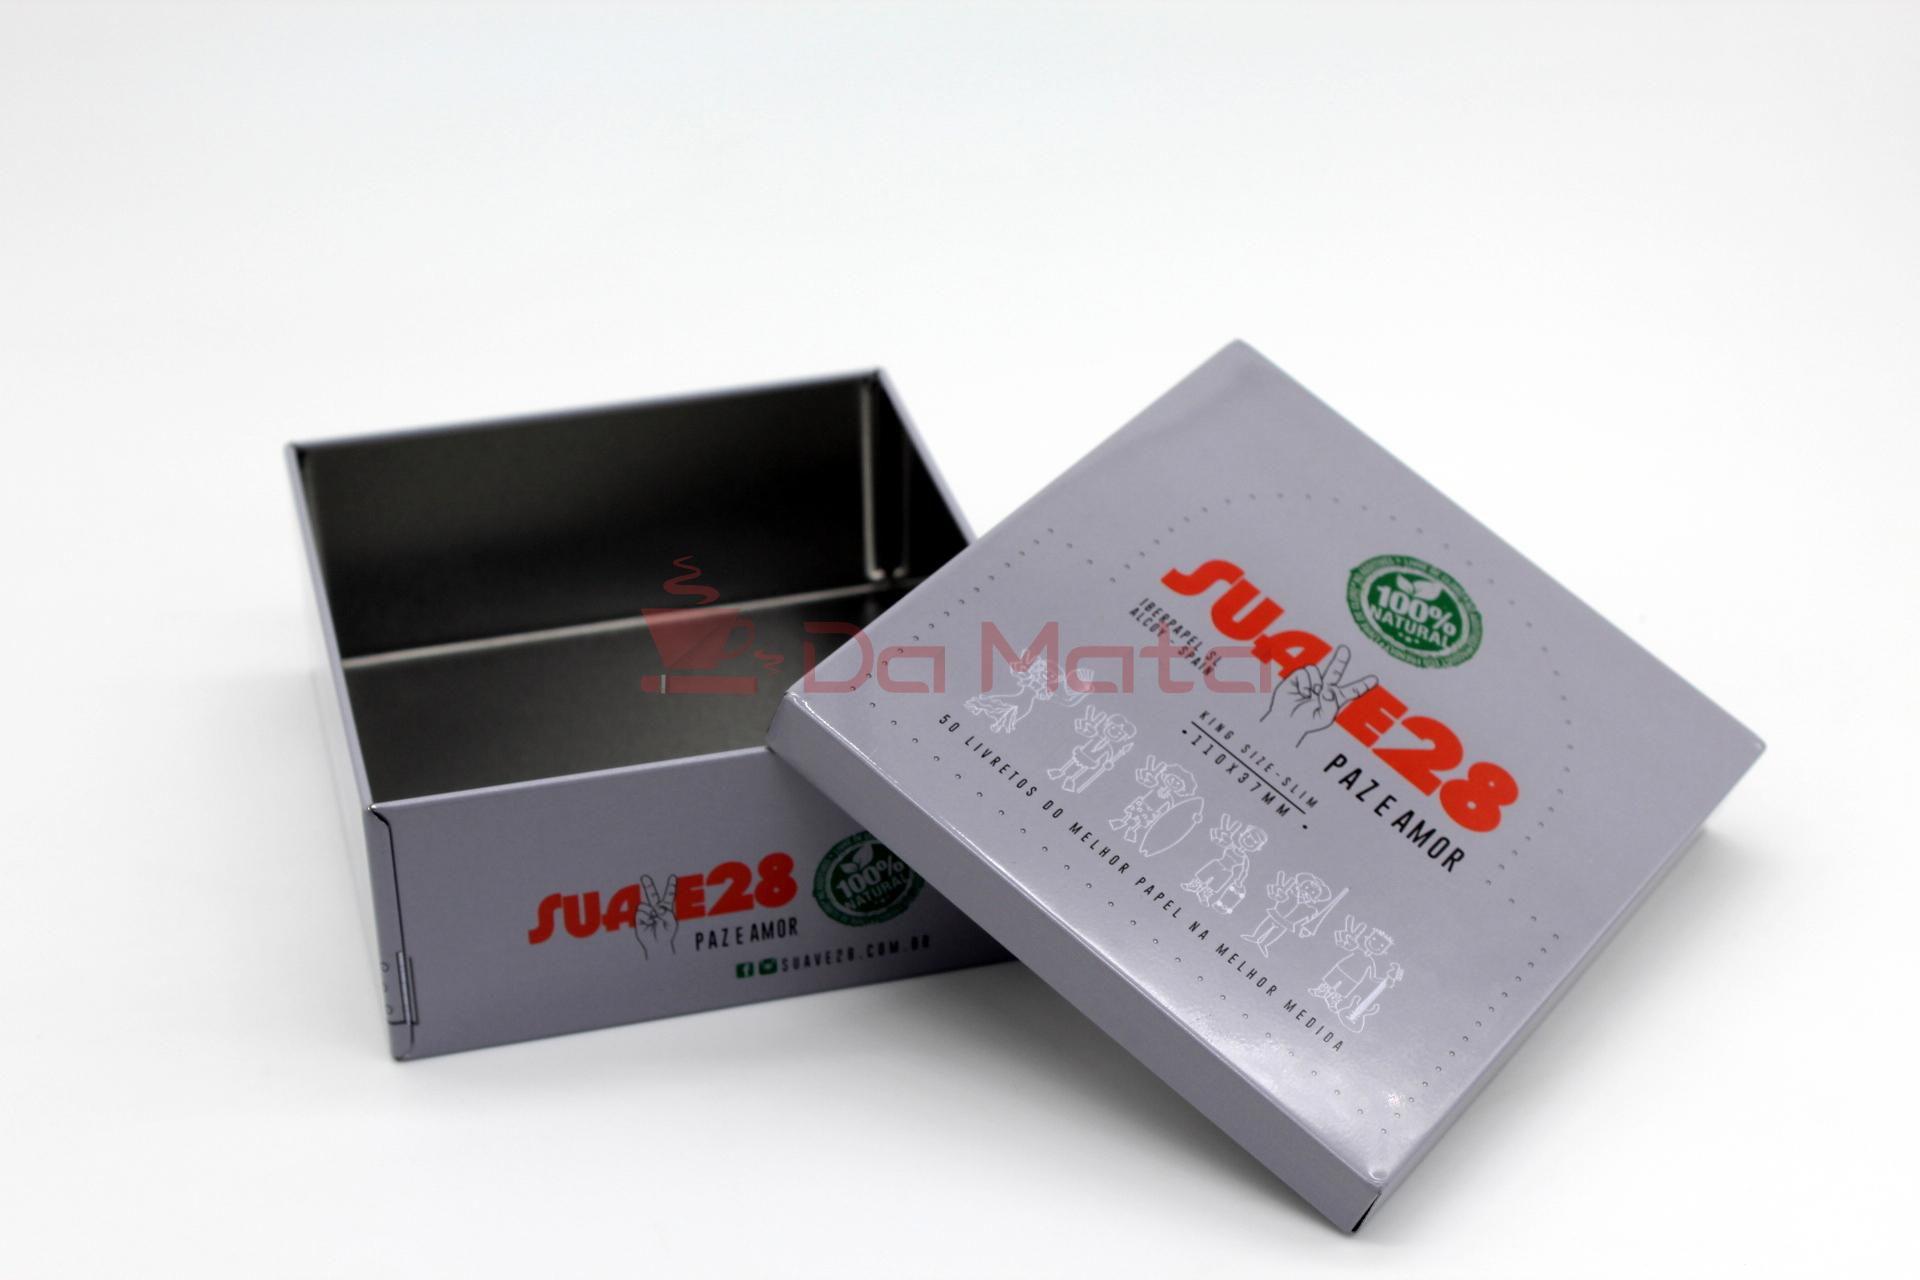 Caixa de Metal Suave 28